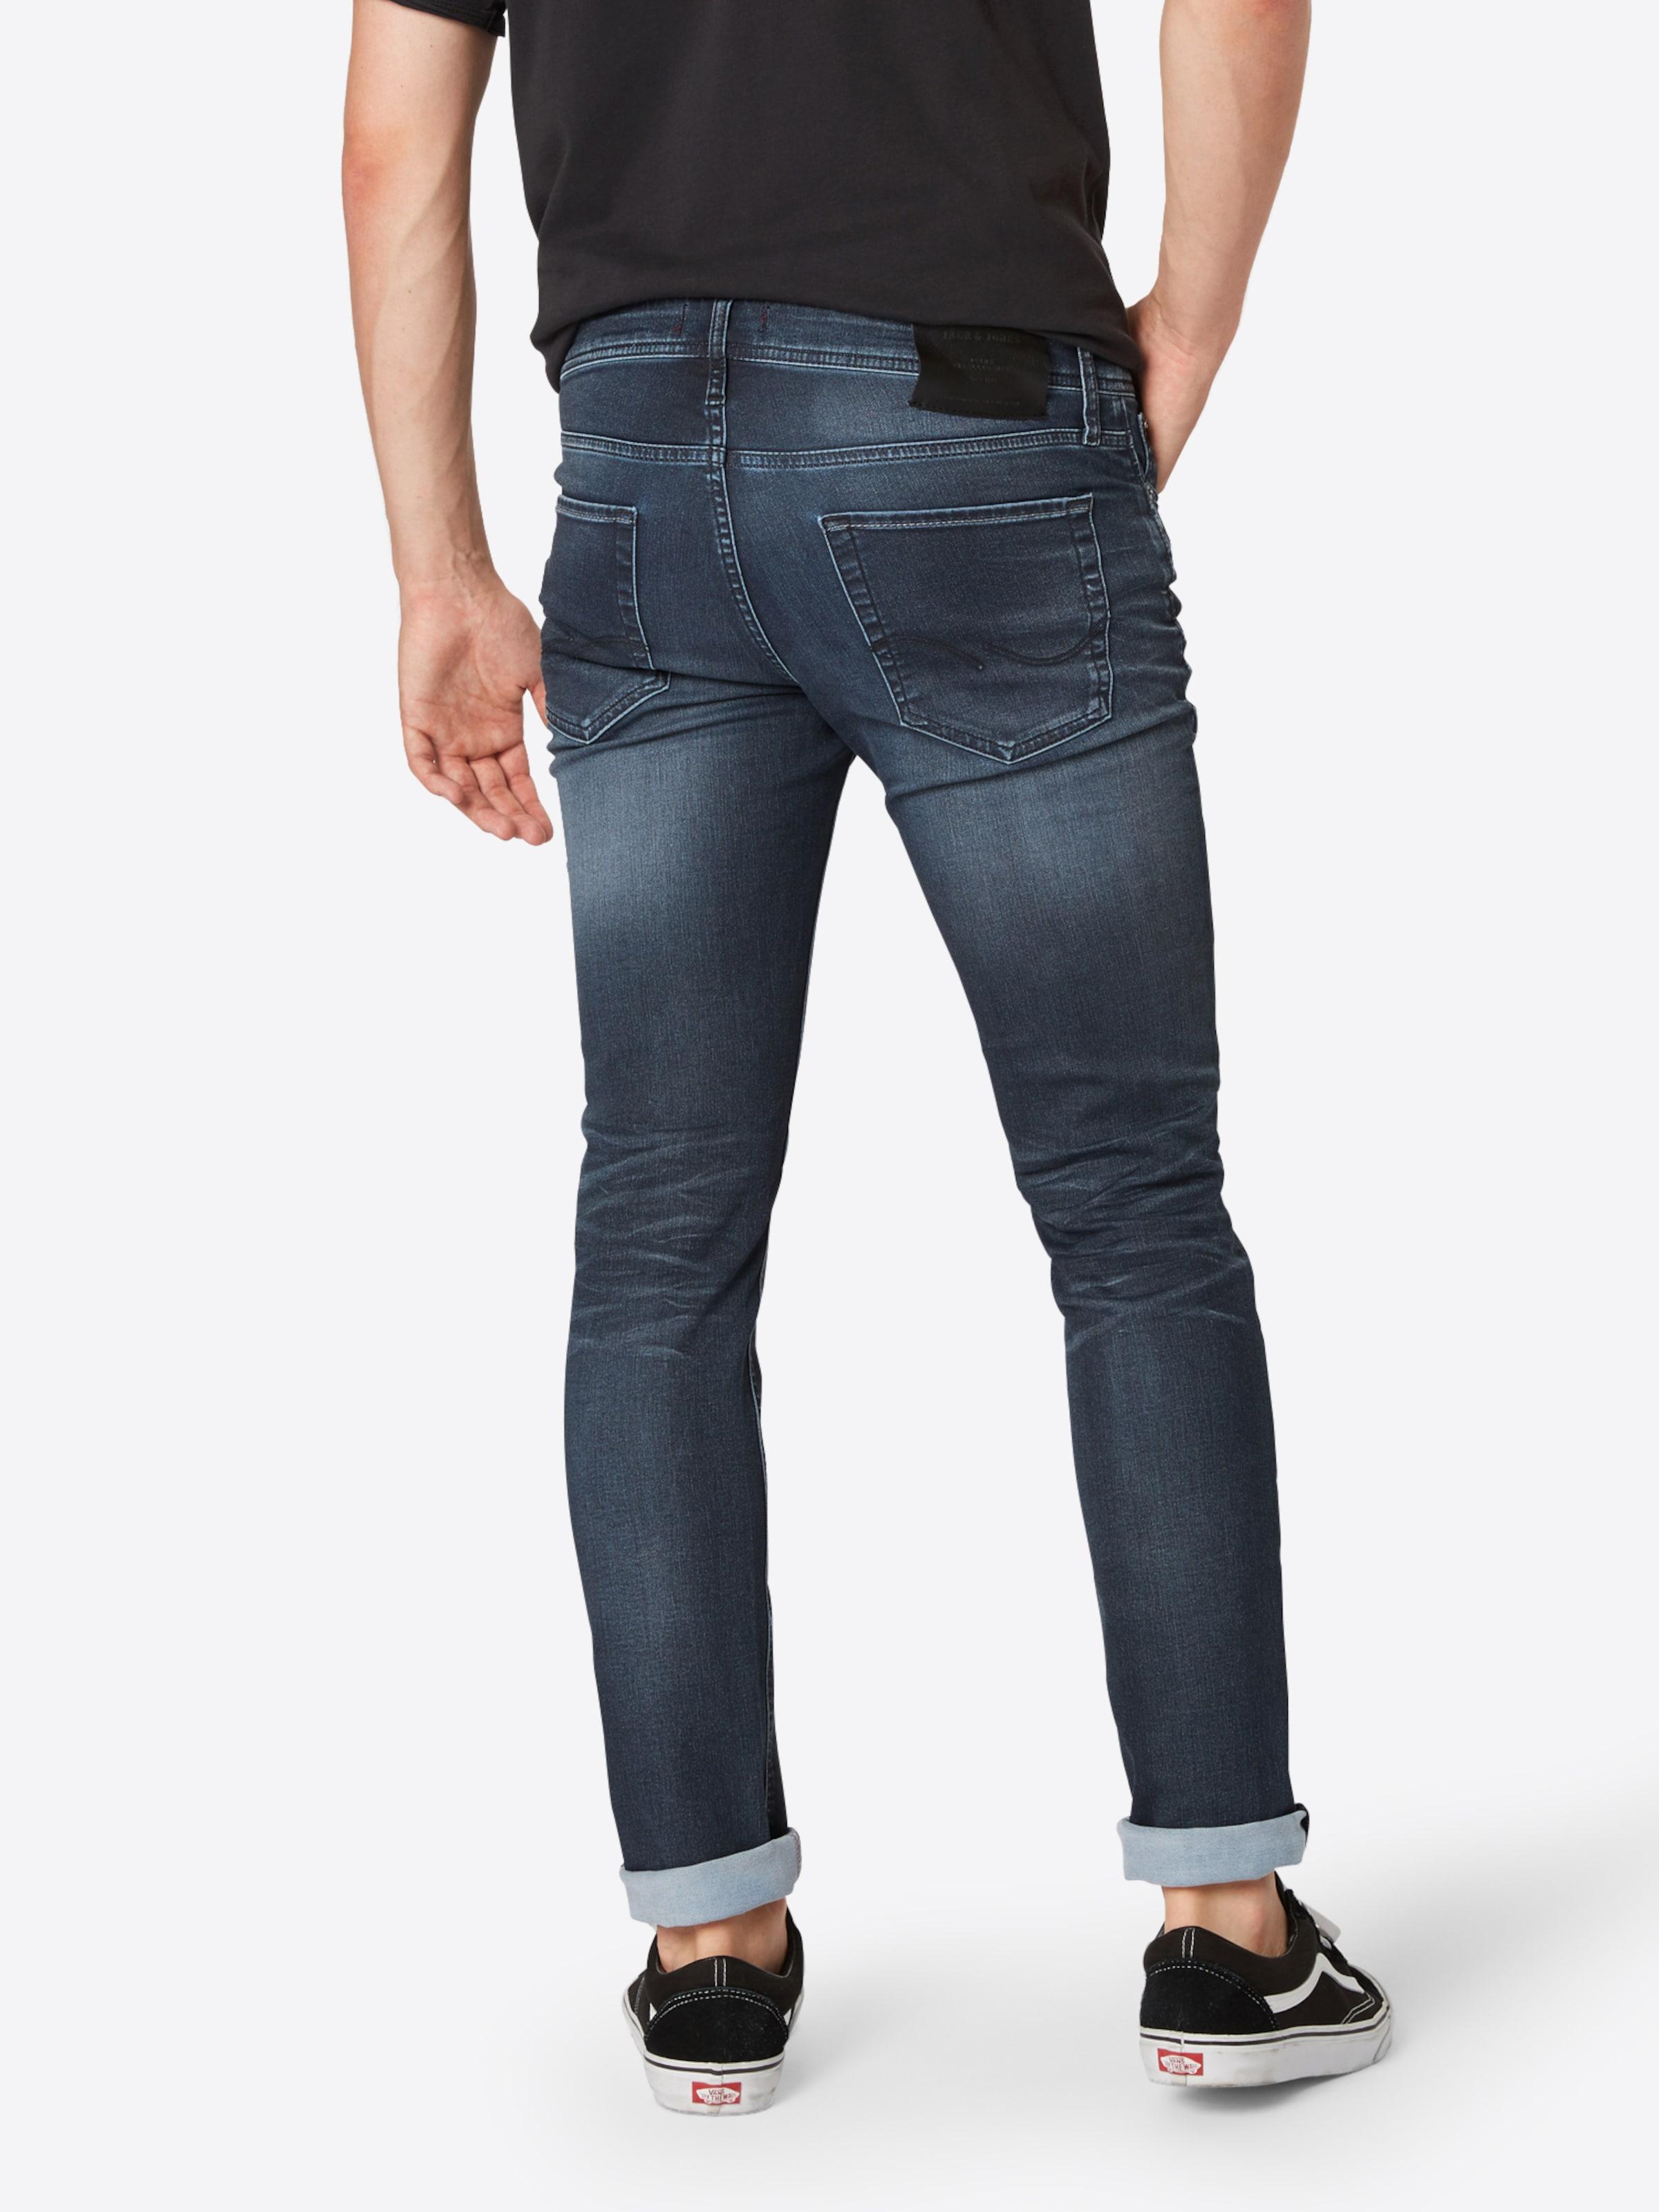 Jeans In 'glenn Jjoriginal' Denim Blue Jackamp; Jones I9EHD2